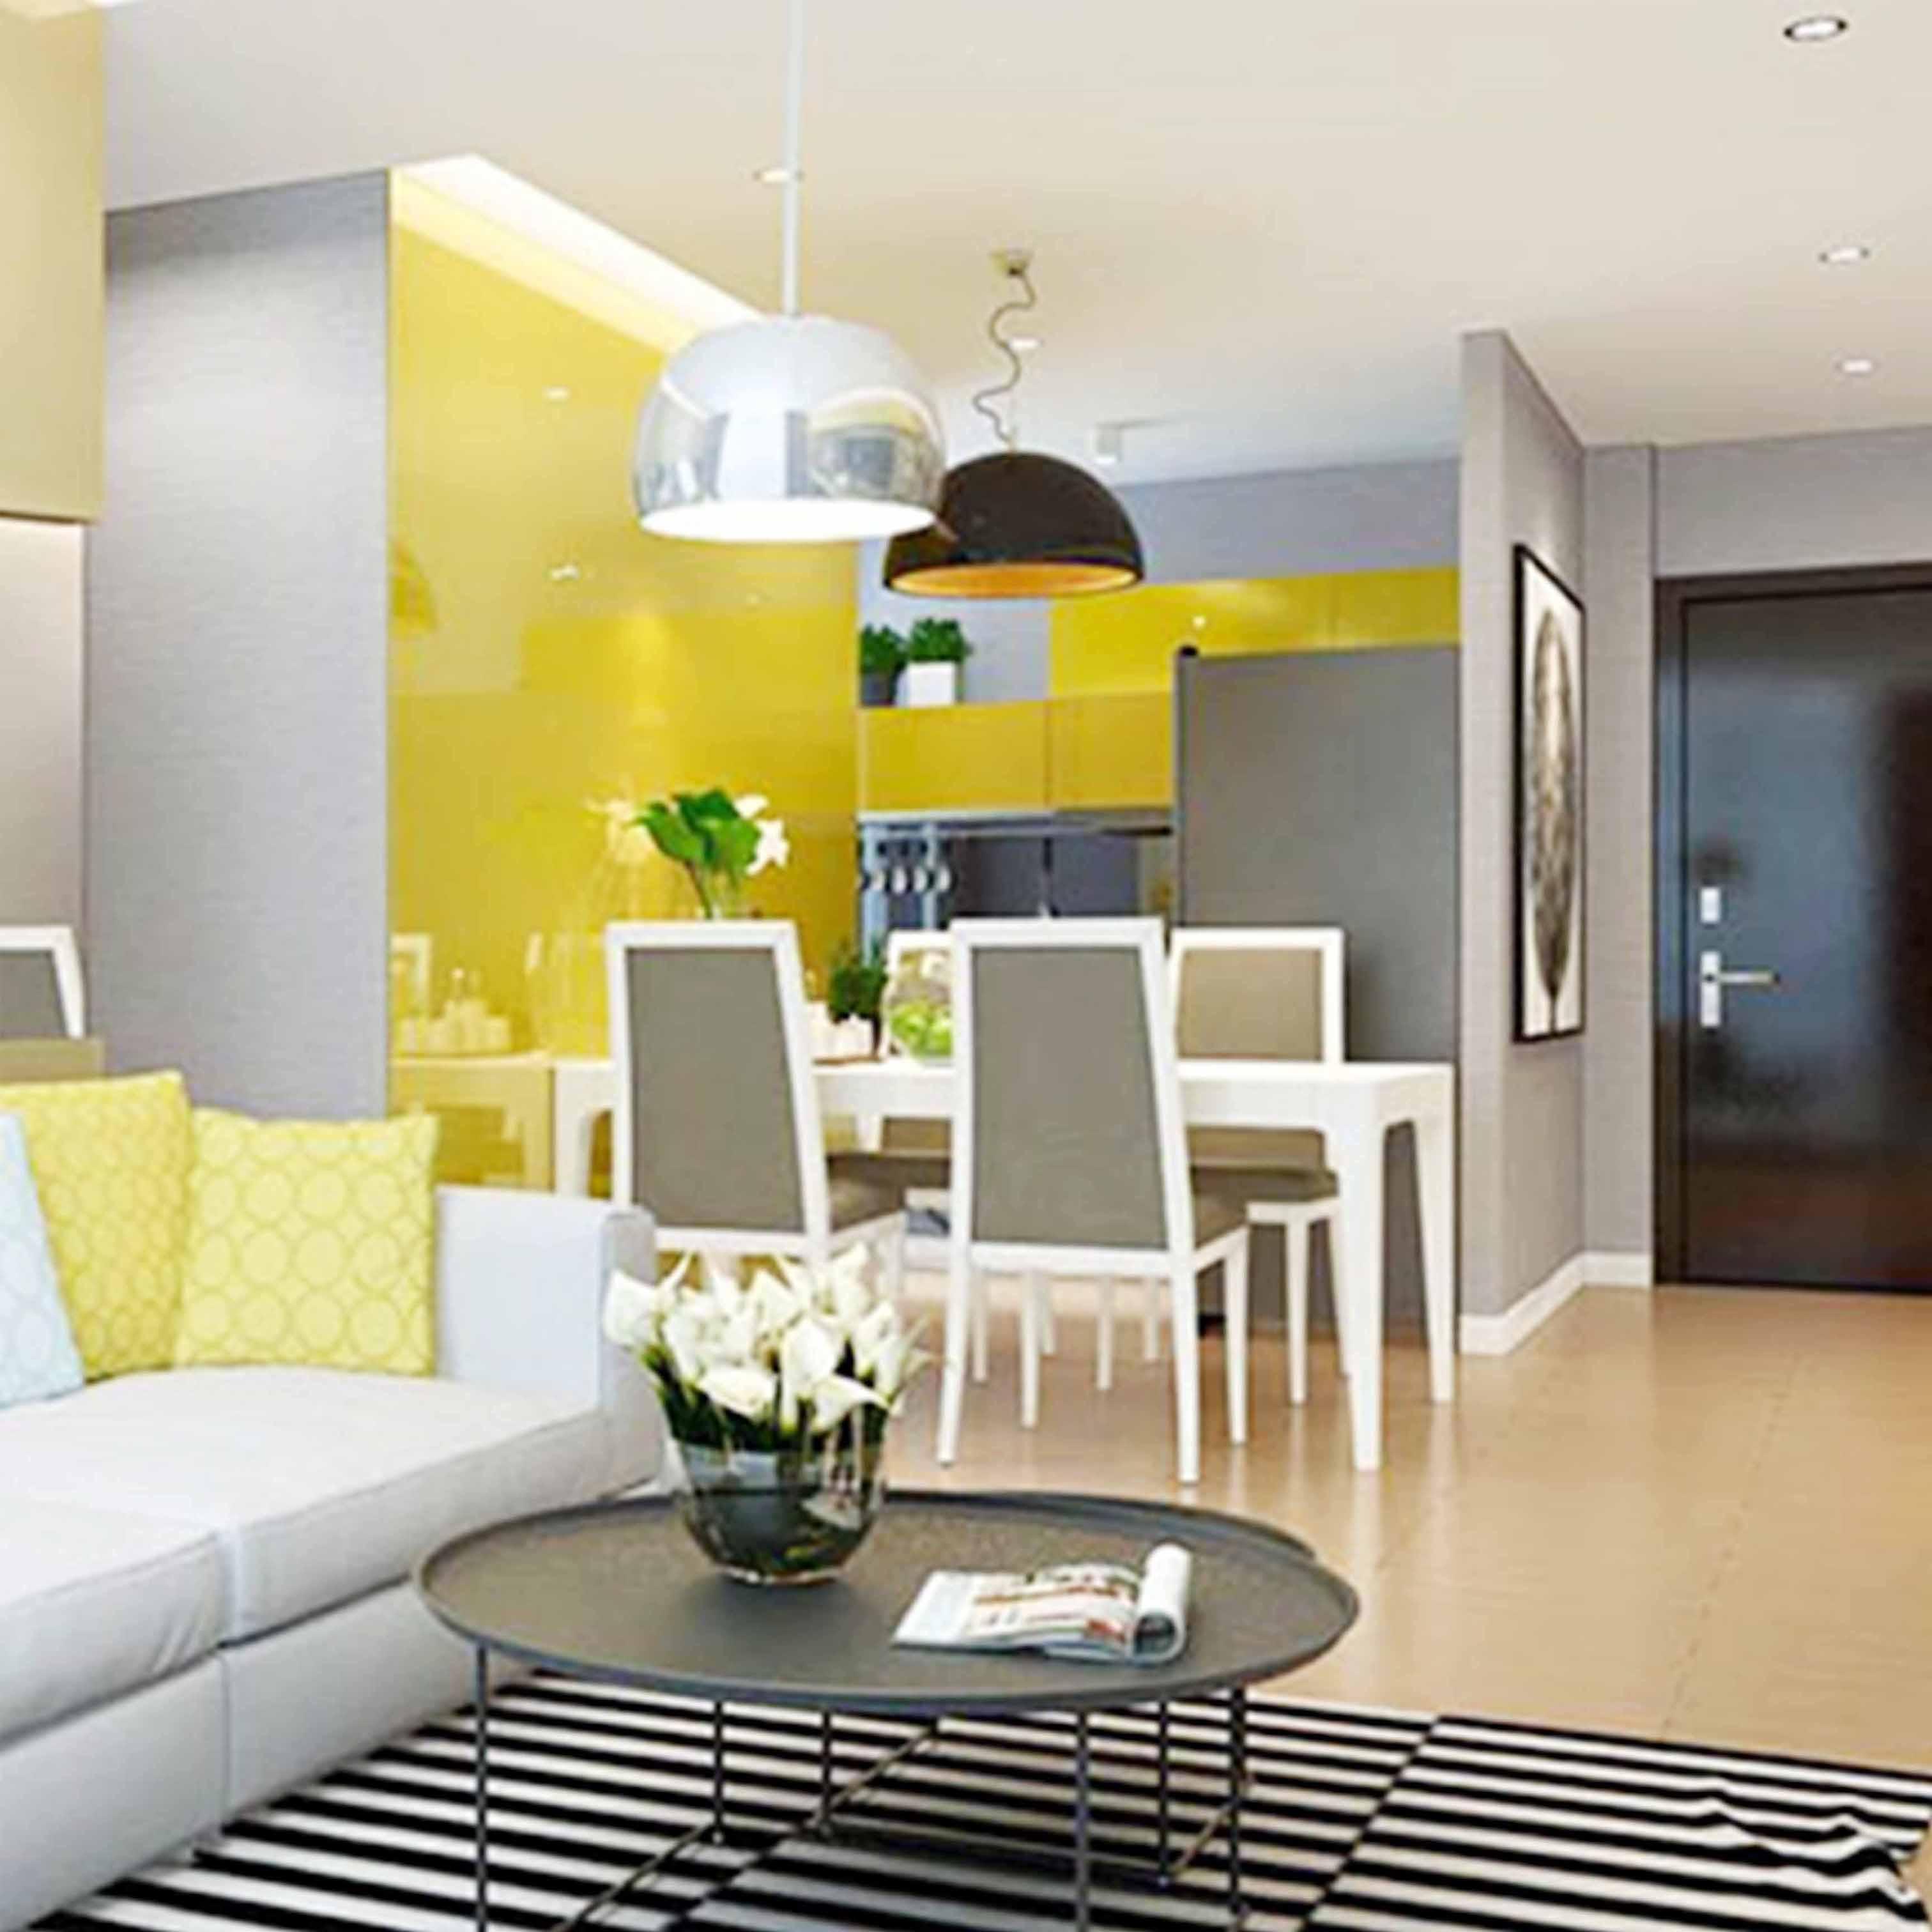 Những điều bạn cần lưu ý để có thiết kế nội thất chung cư đẹp